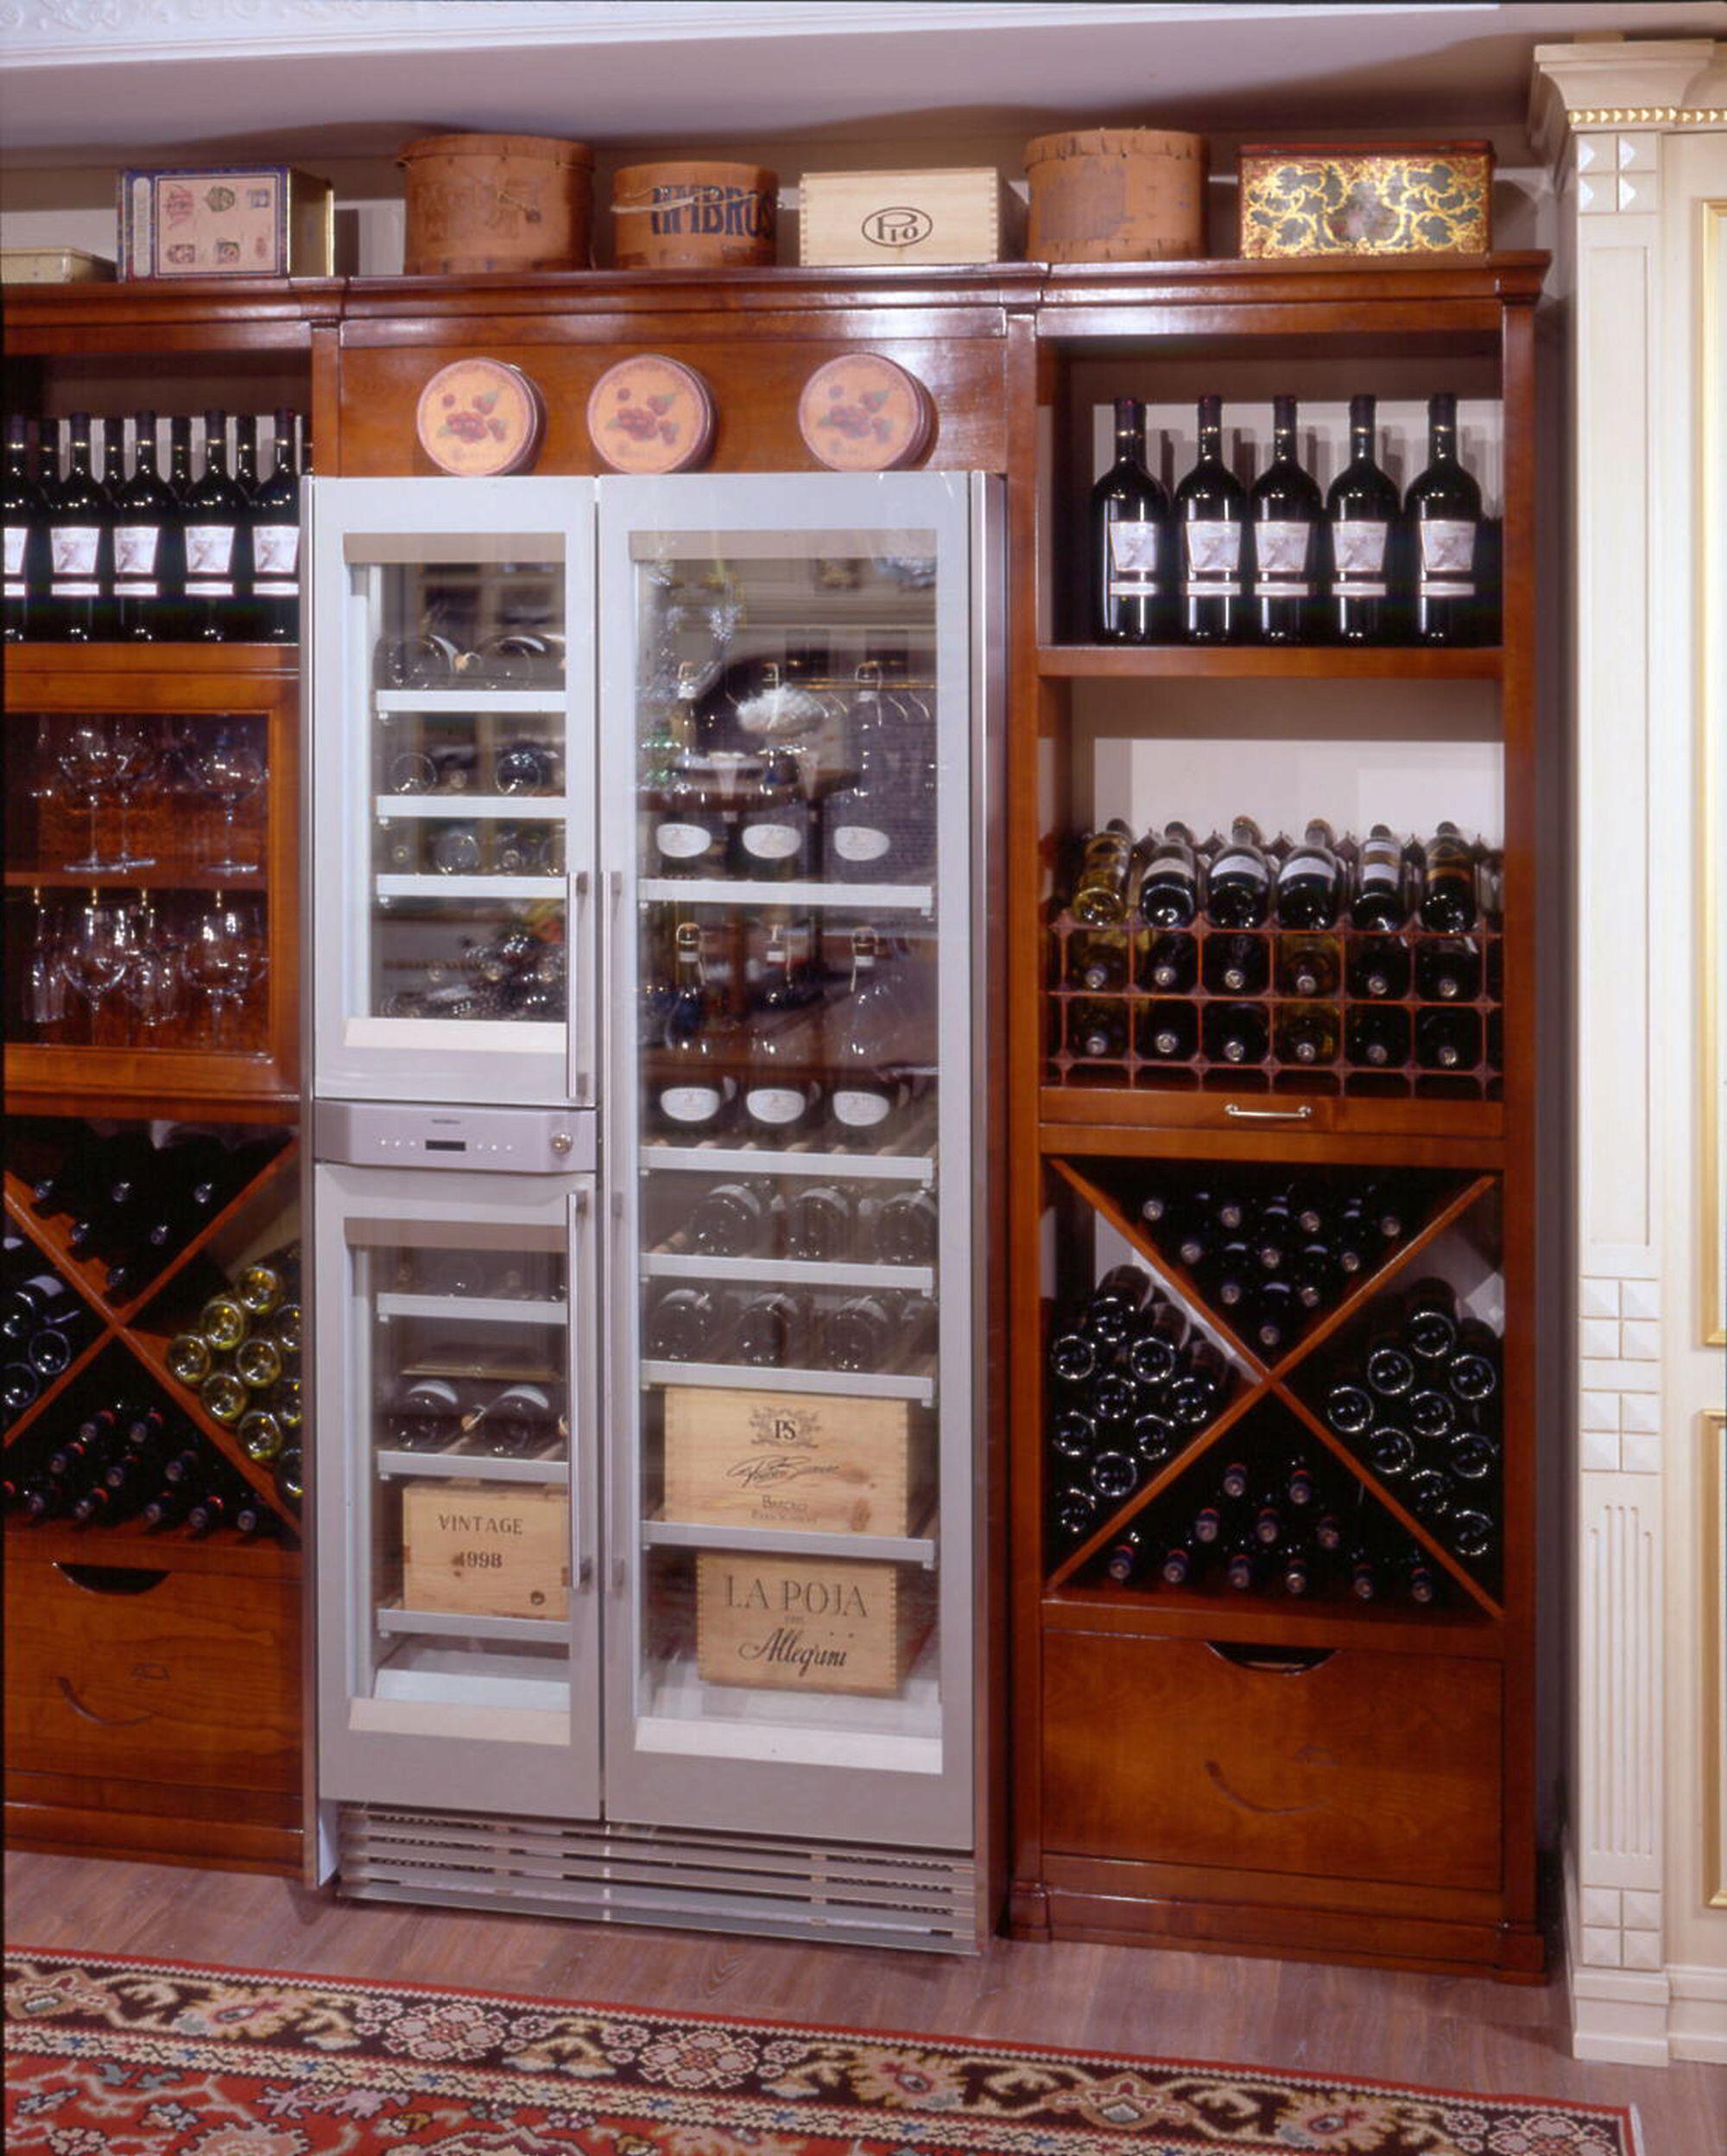 vinski podrum2